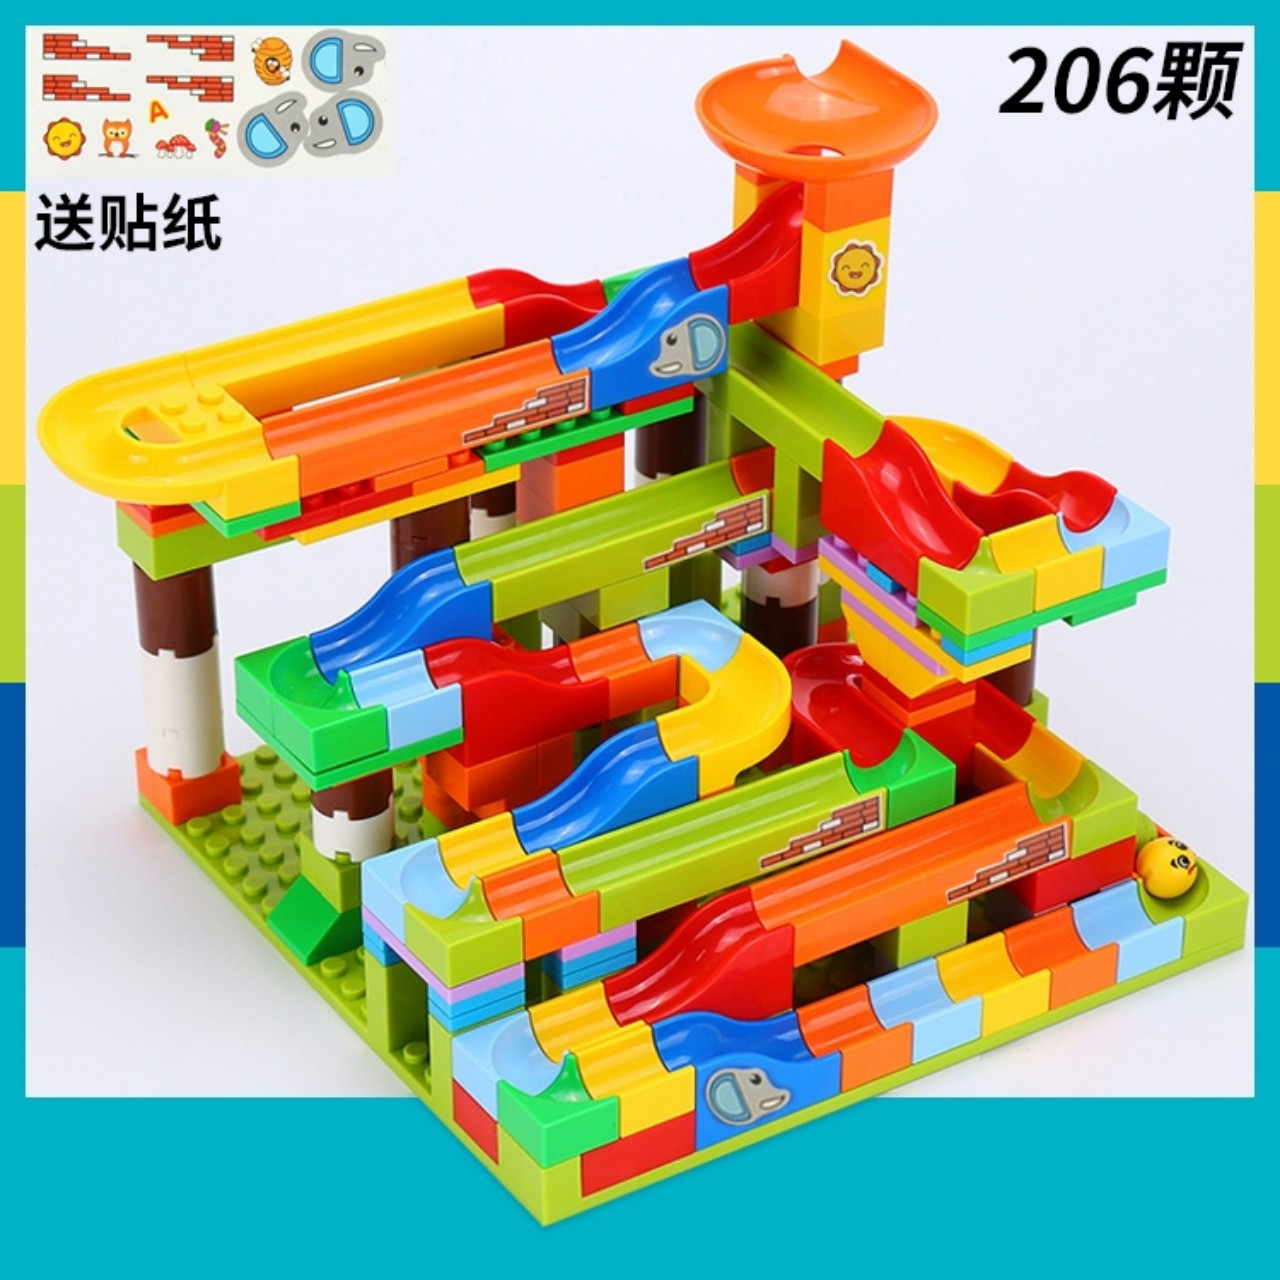 Đồ chơi lắp ráp lego vòng xoay kỳ diêu - 206 chi tiết